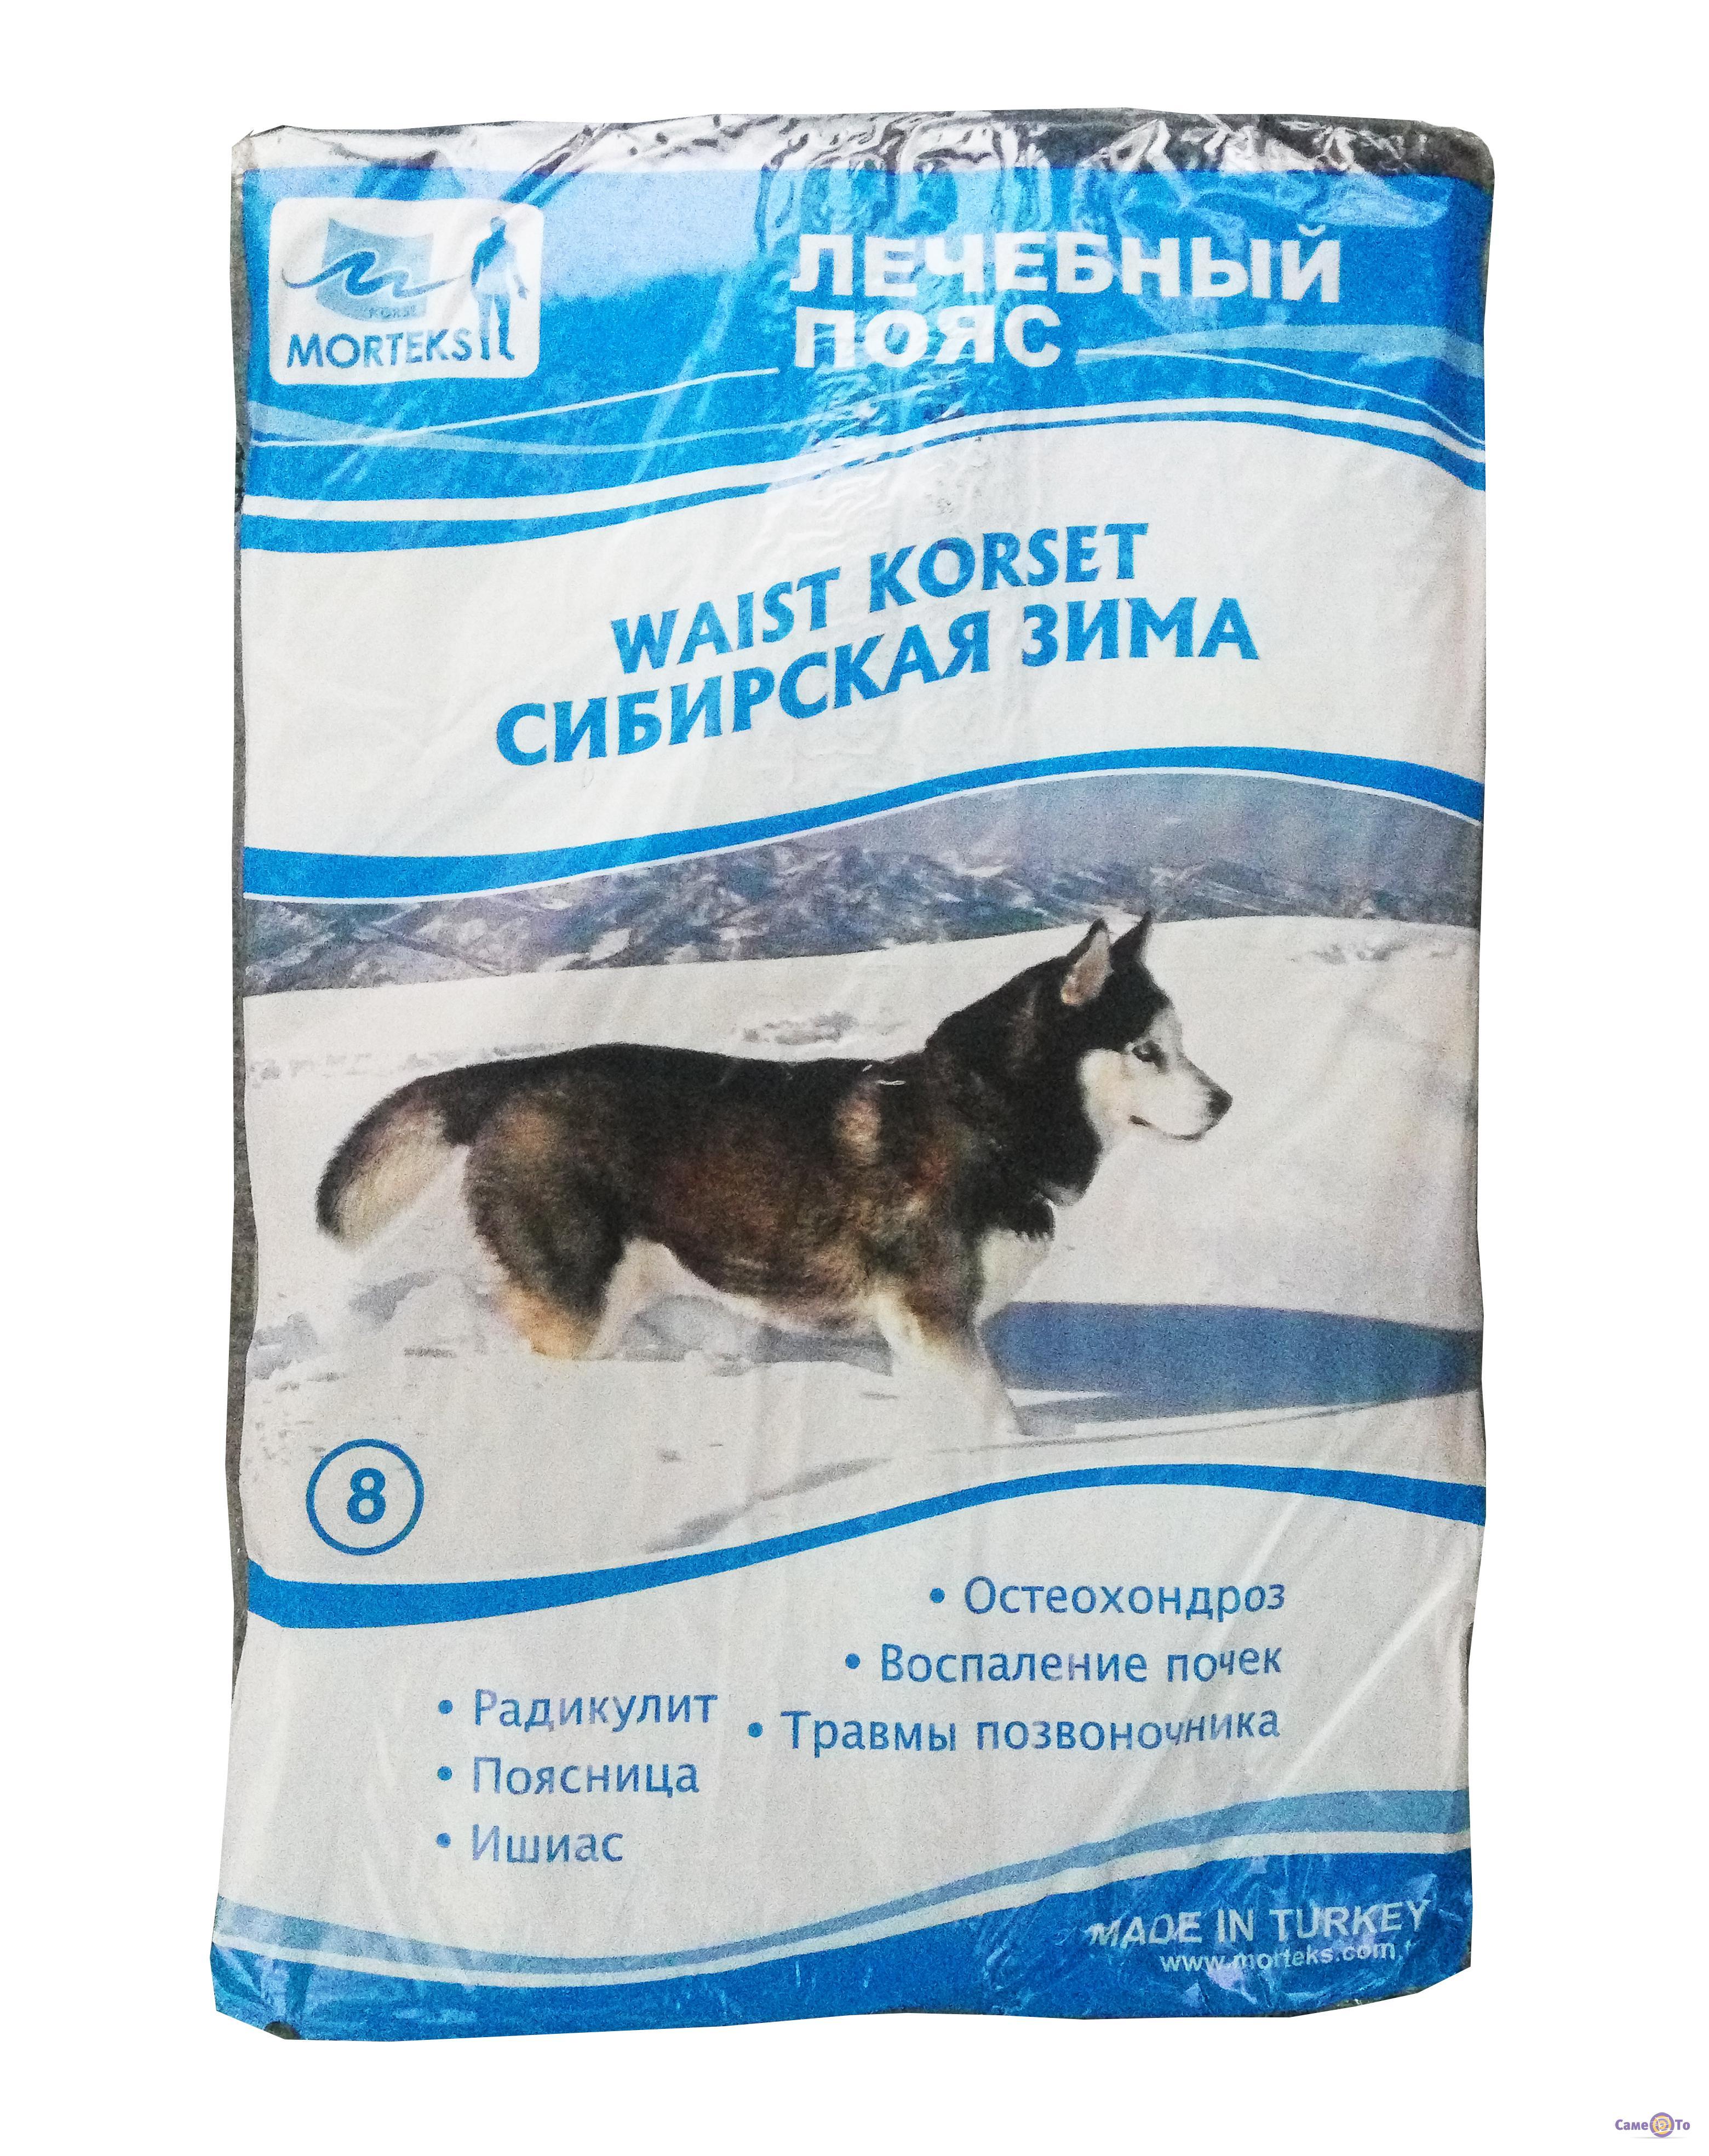 Лечебный пояс из собачьей шерсти Сибирская зима